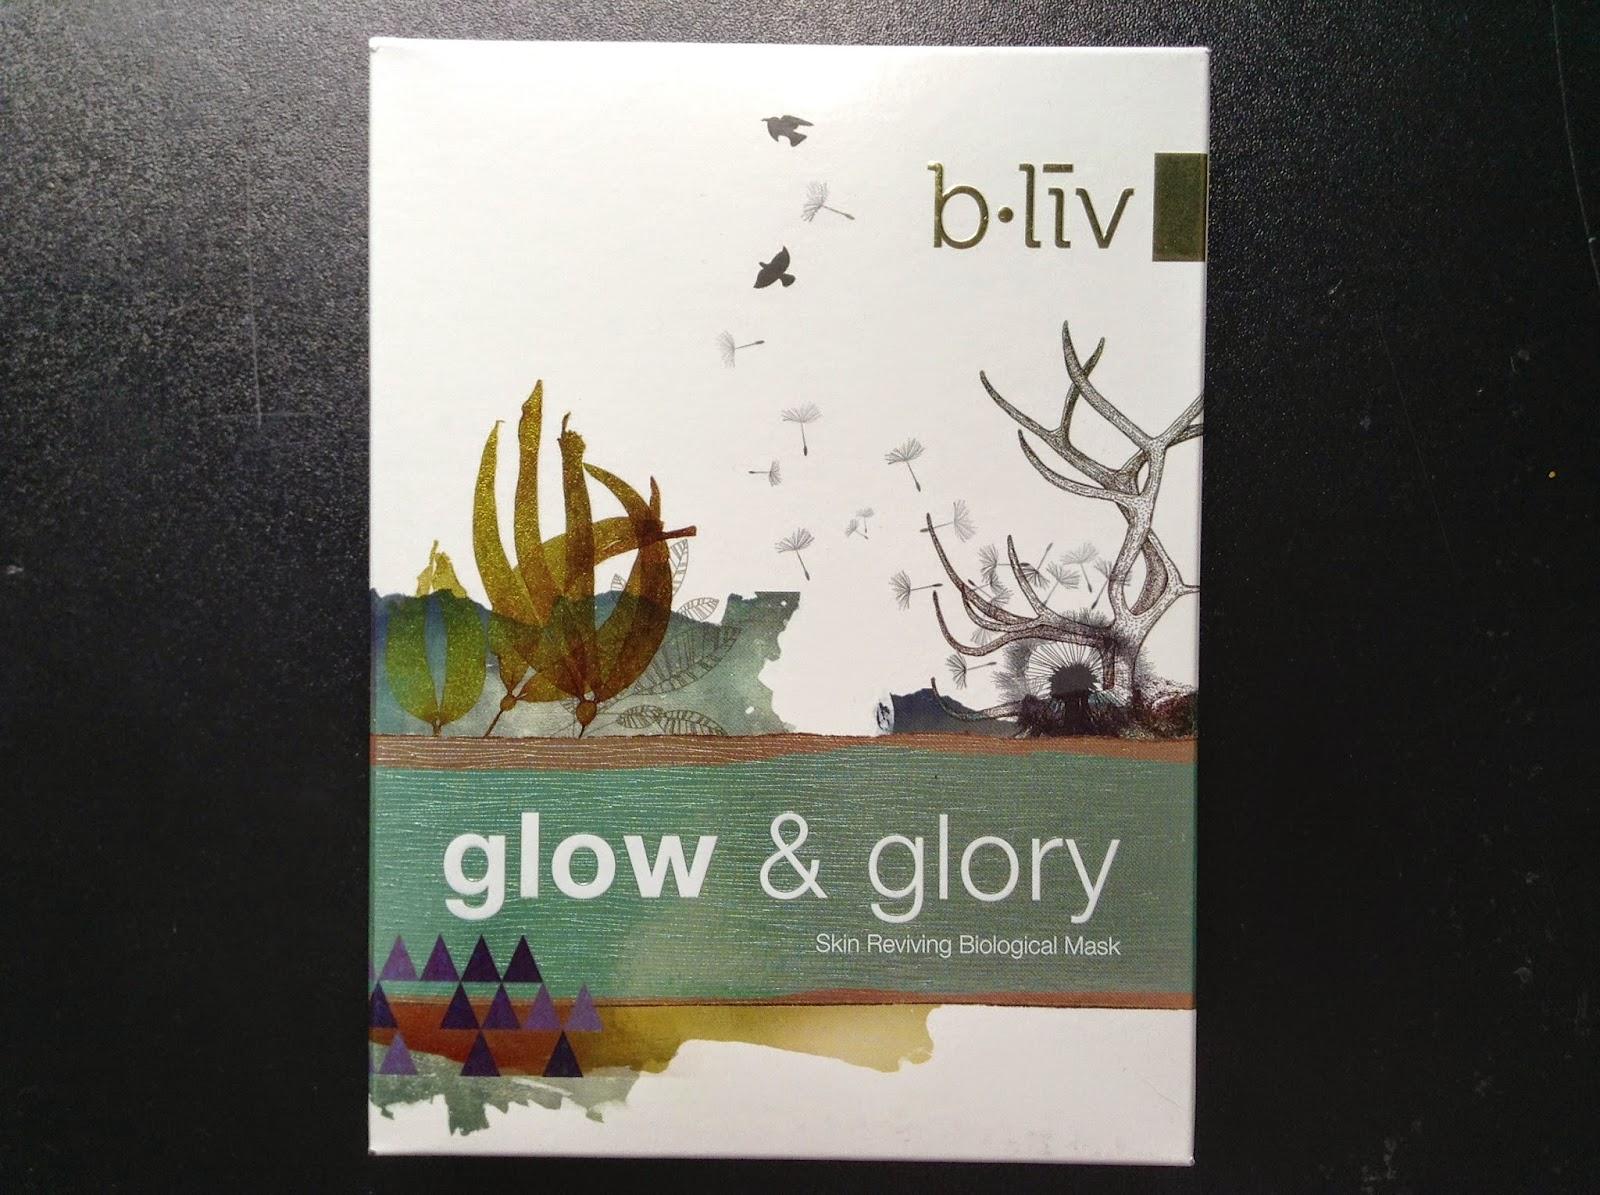 >> 入秋面膜精選*信美肌 b.liv by Cellnique glow & glory 光彩熠熠 生物面膜